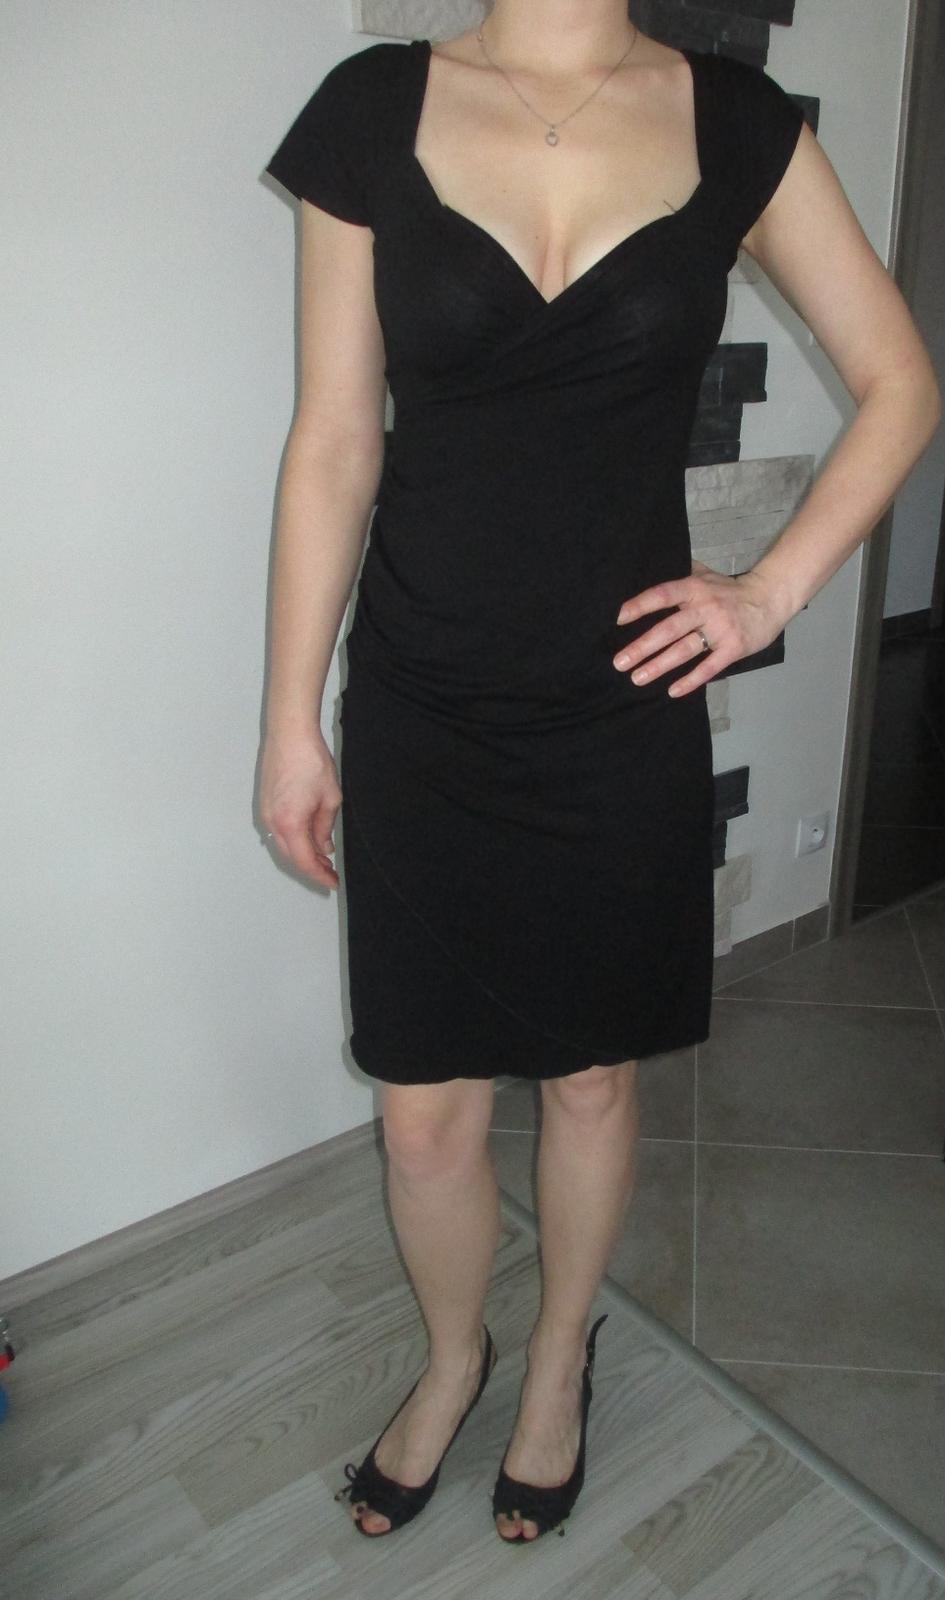 Univezální strečové šaty - Obrázek č. 1